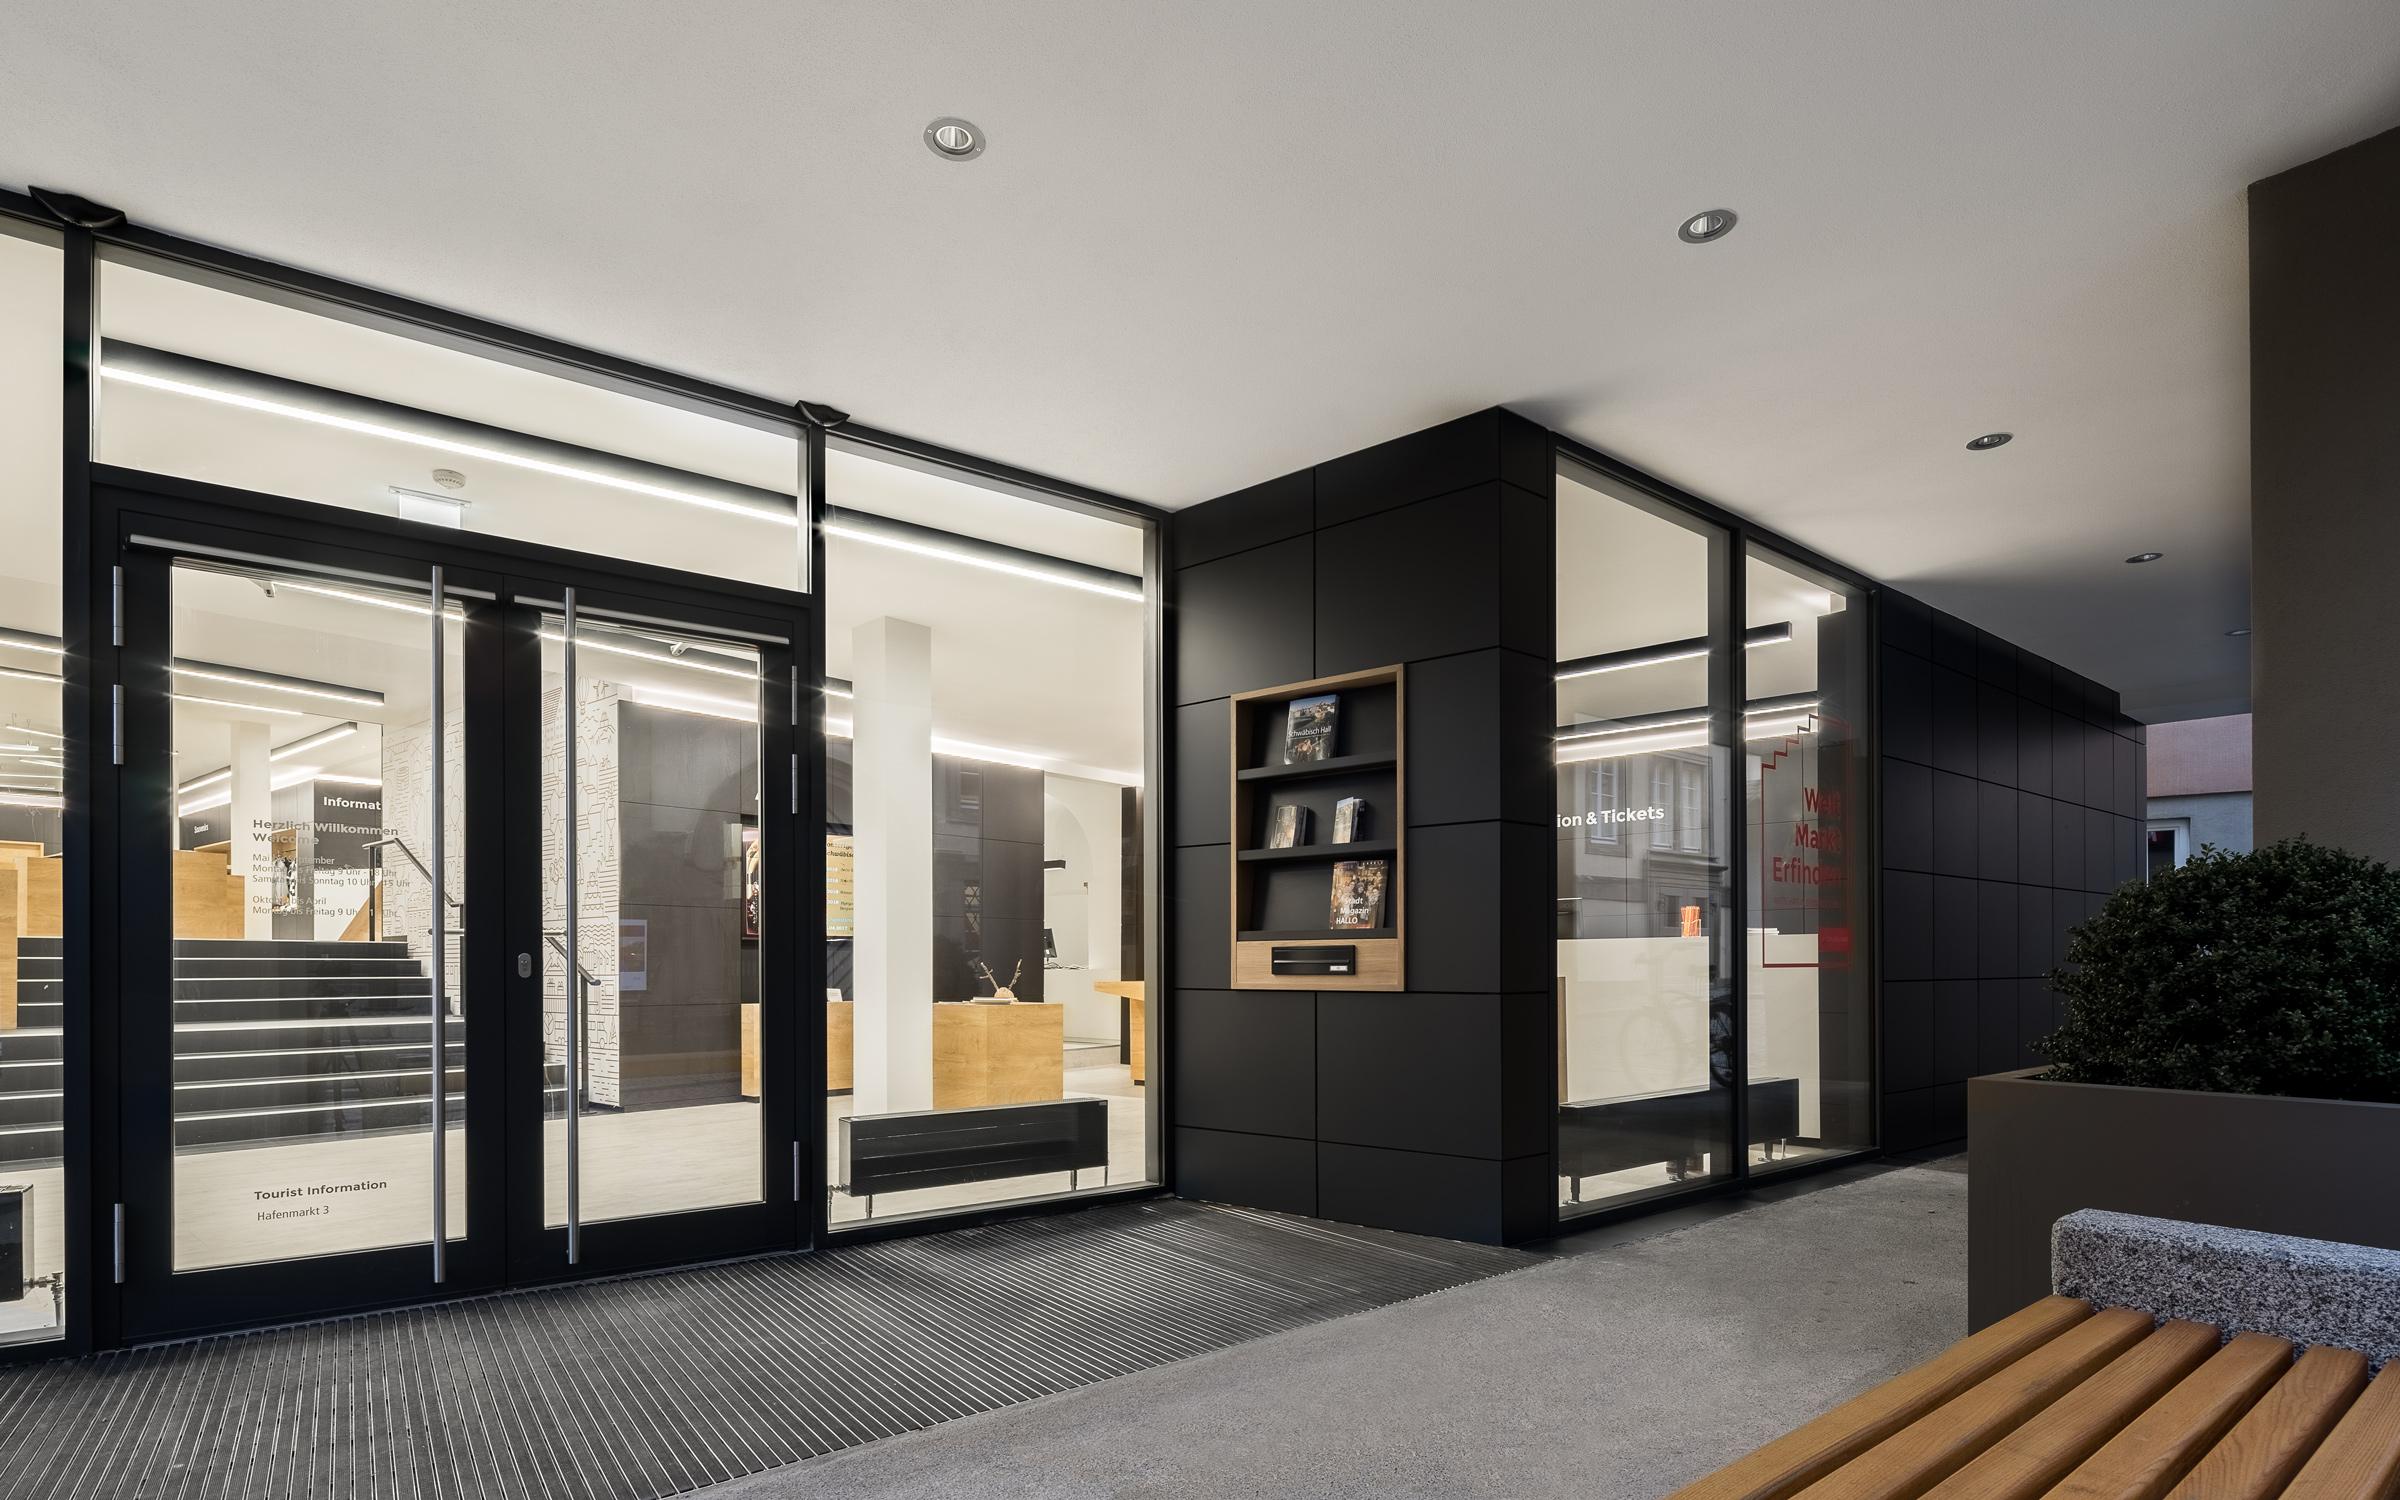 Ansprechend Innenarchitekt Karlsruhe Referenz Von Öffentliche Bauten